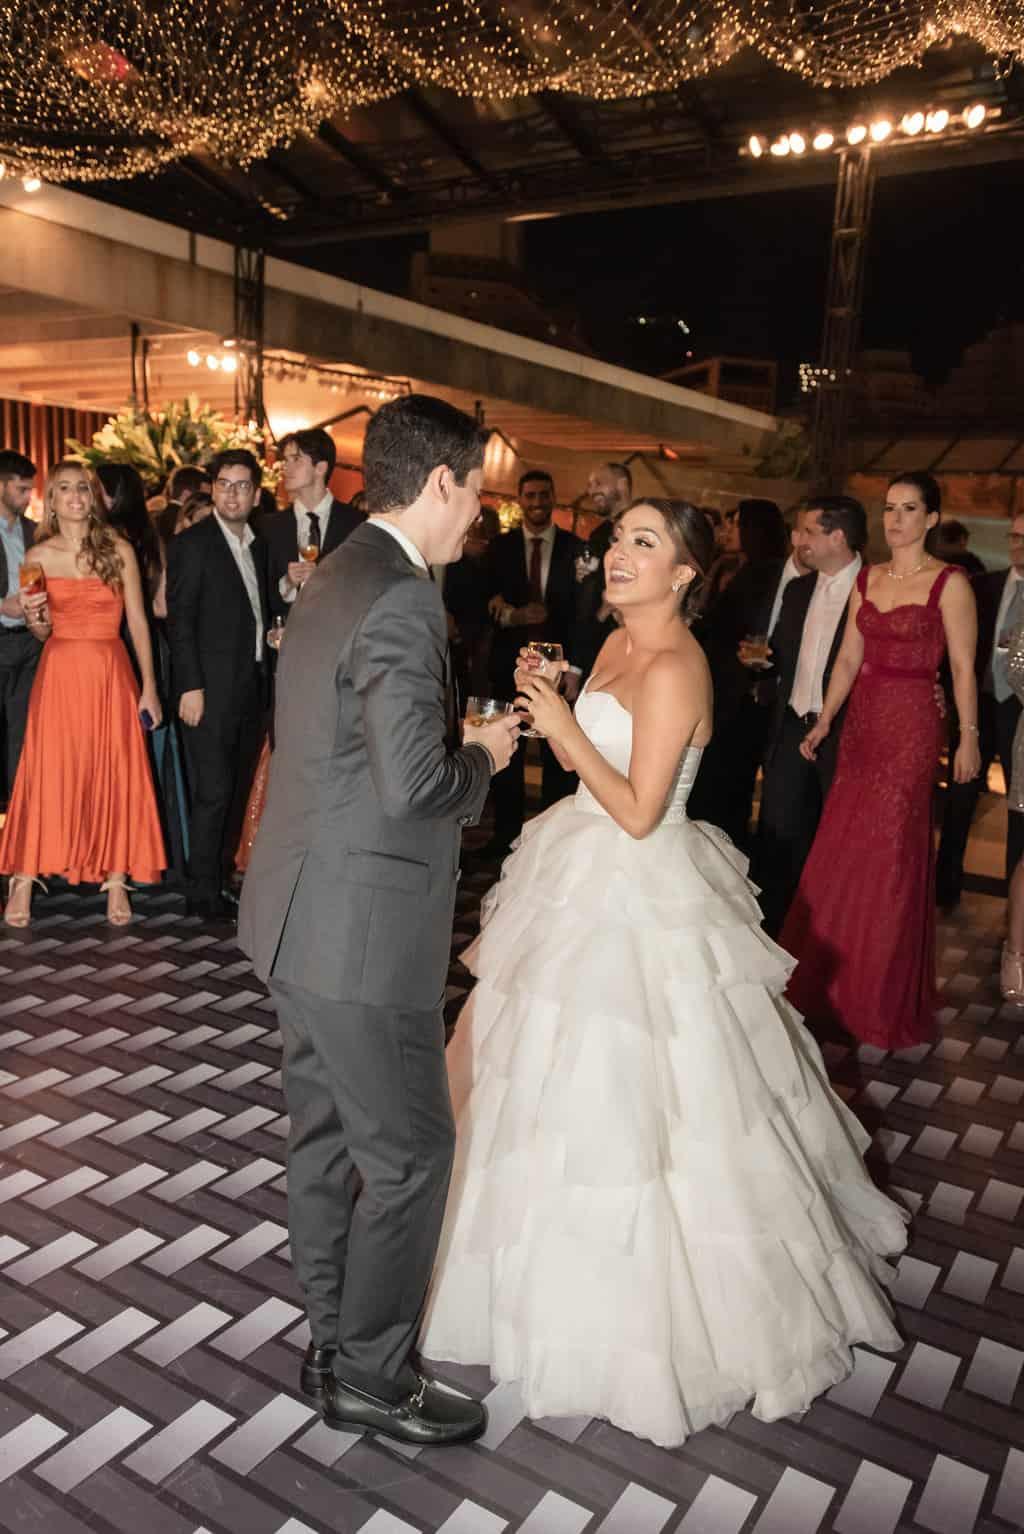 casamento-Karynna-e-Fernando-cerimonial-TCD-Eventos-festa-no-MAM-fotografia-Marina-Fava-pista129